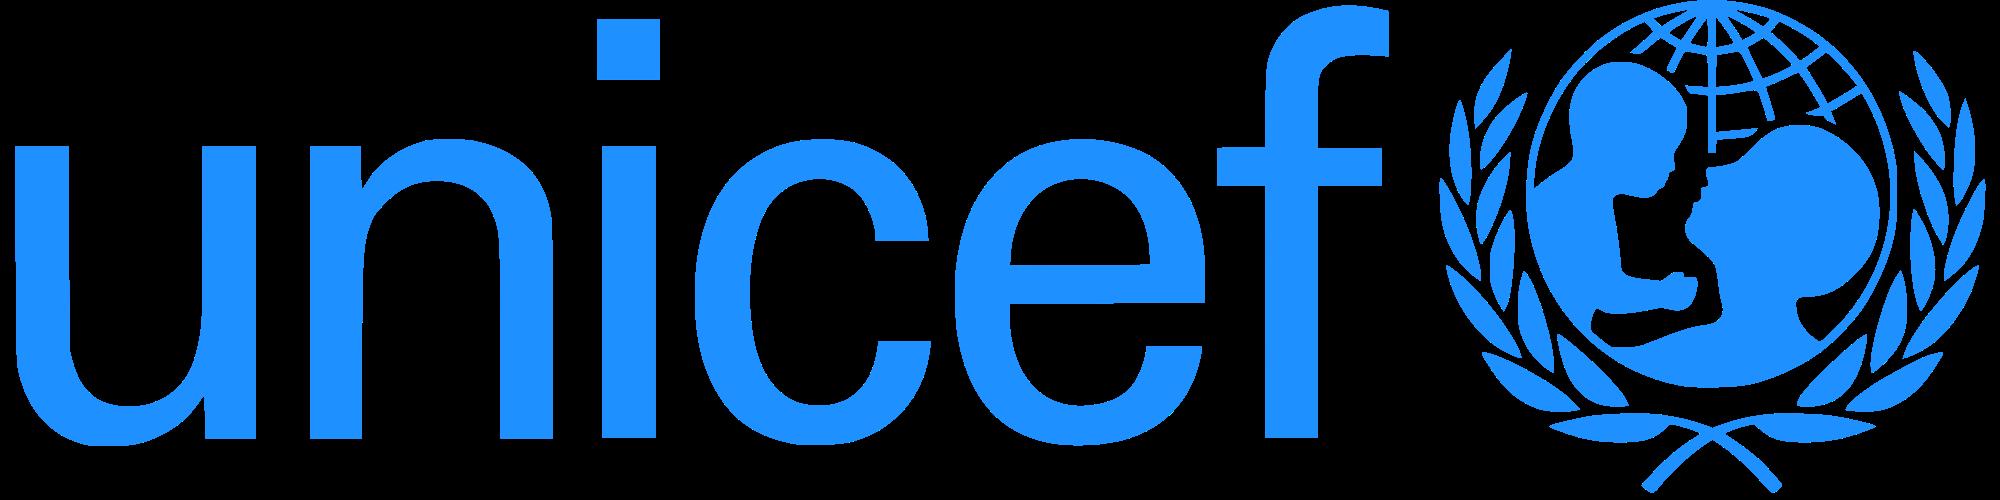 UNICEF_Logo